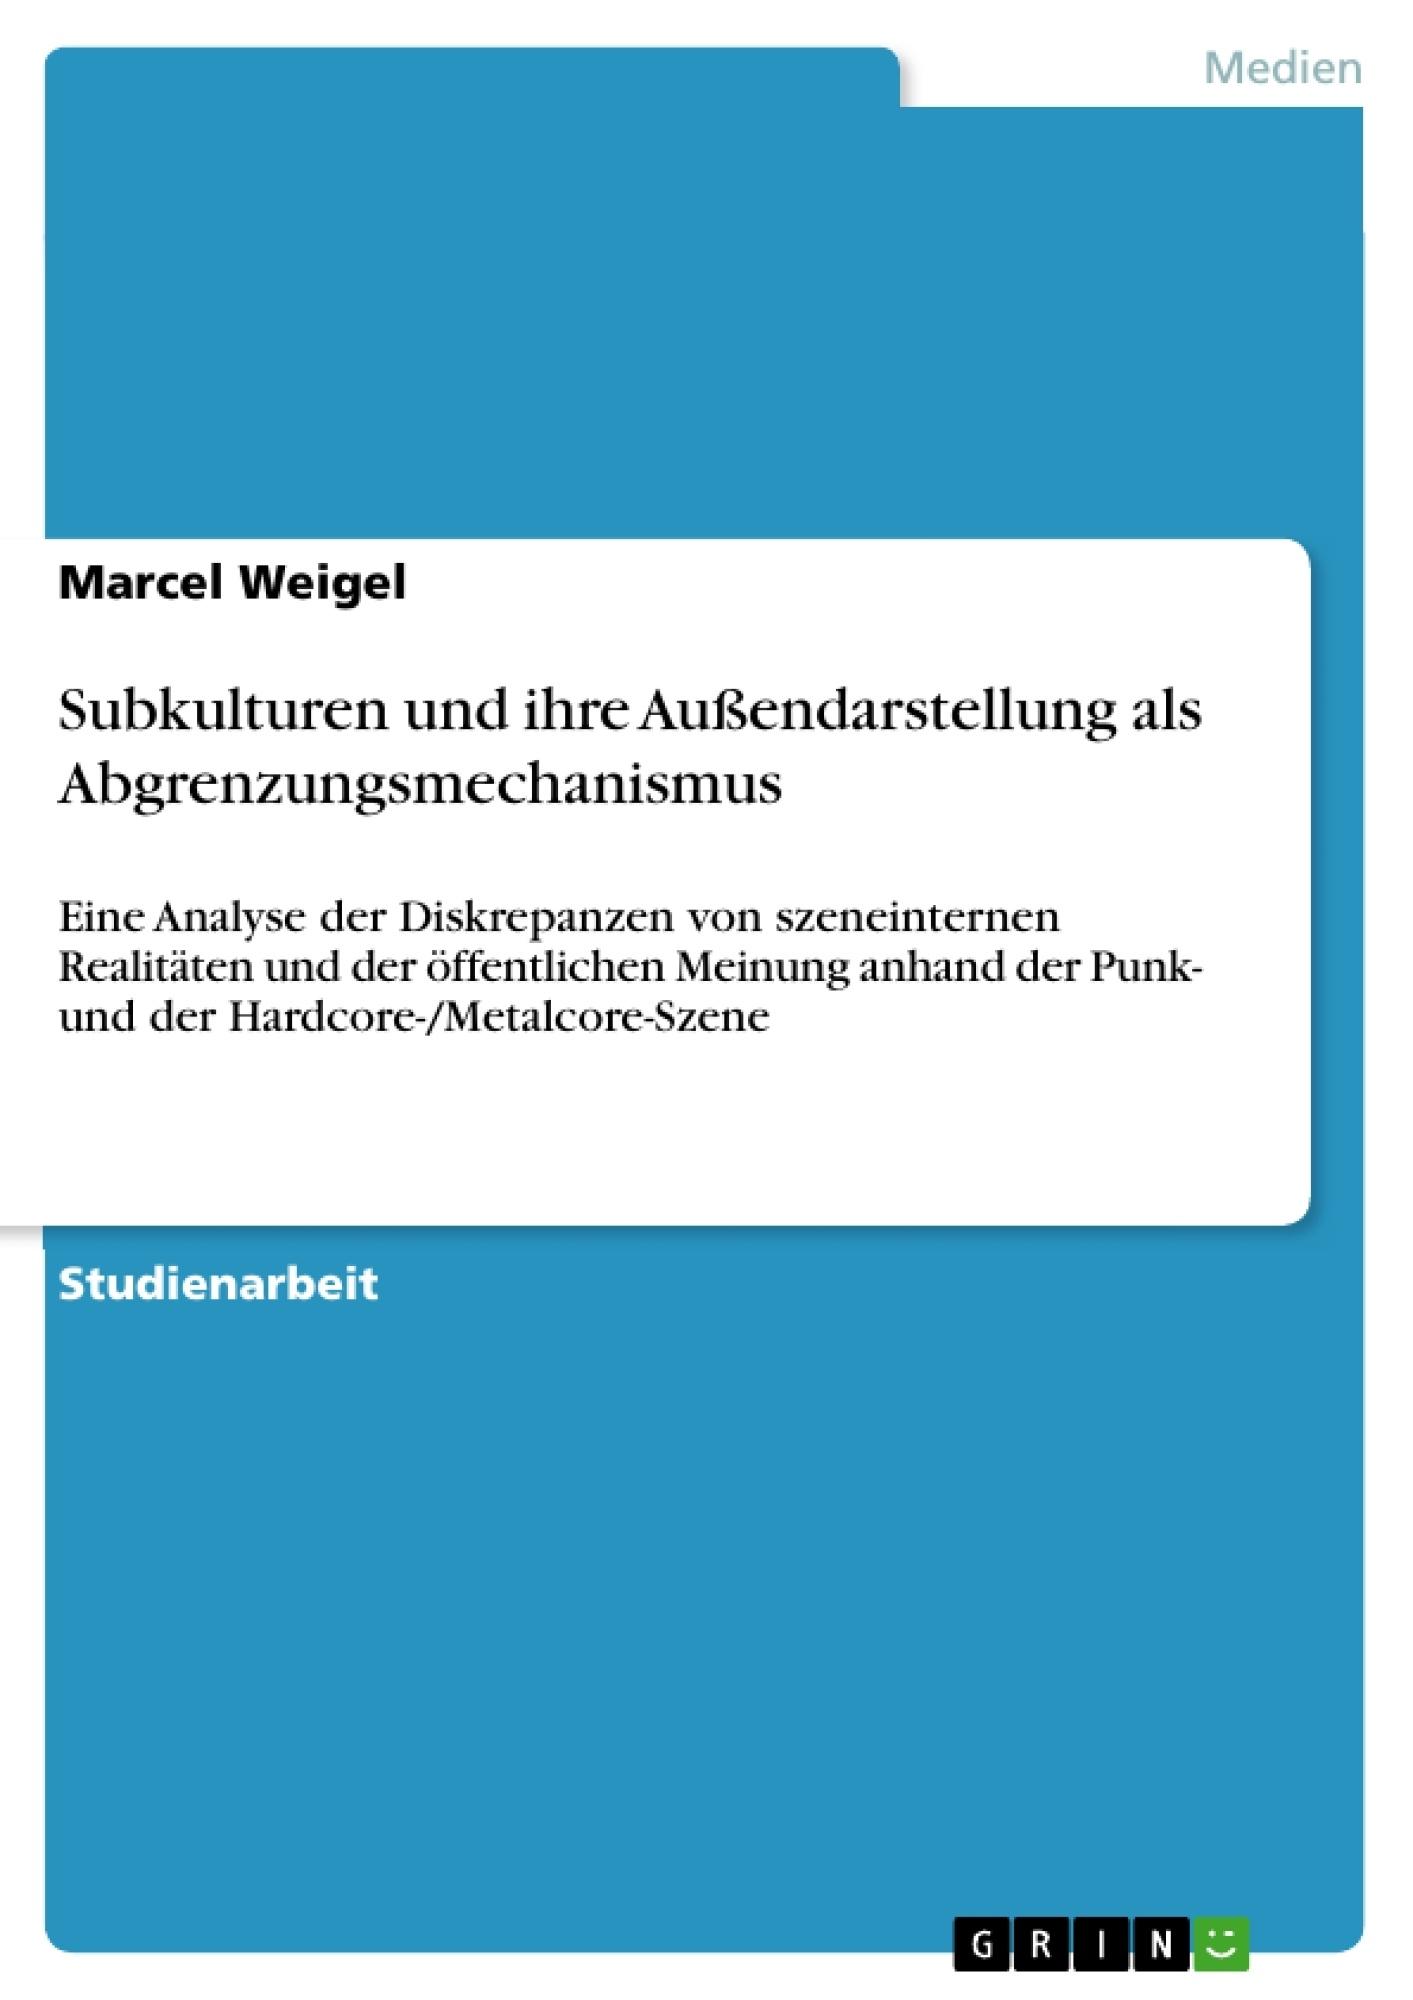 Titel: Subkulturen und ihre Außendarstellung als Abgrenzungsmechanismus